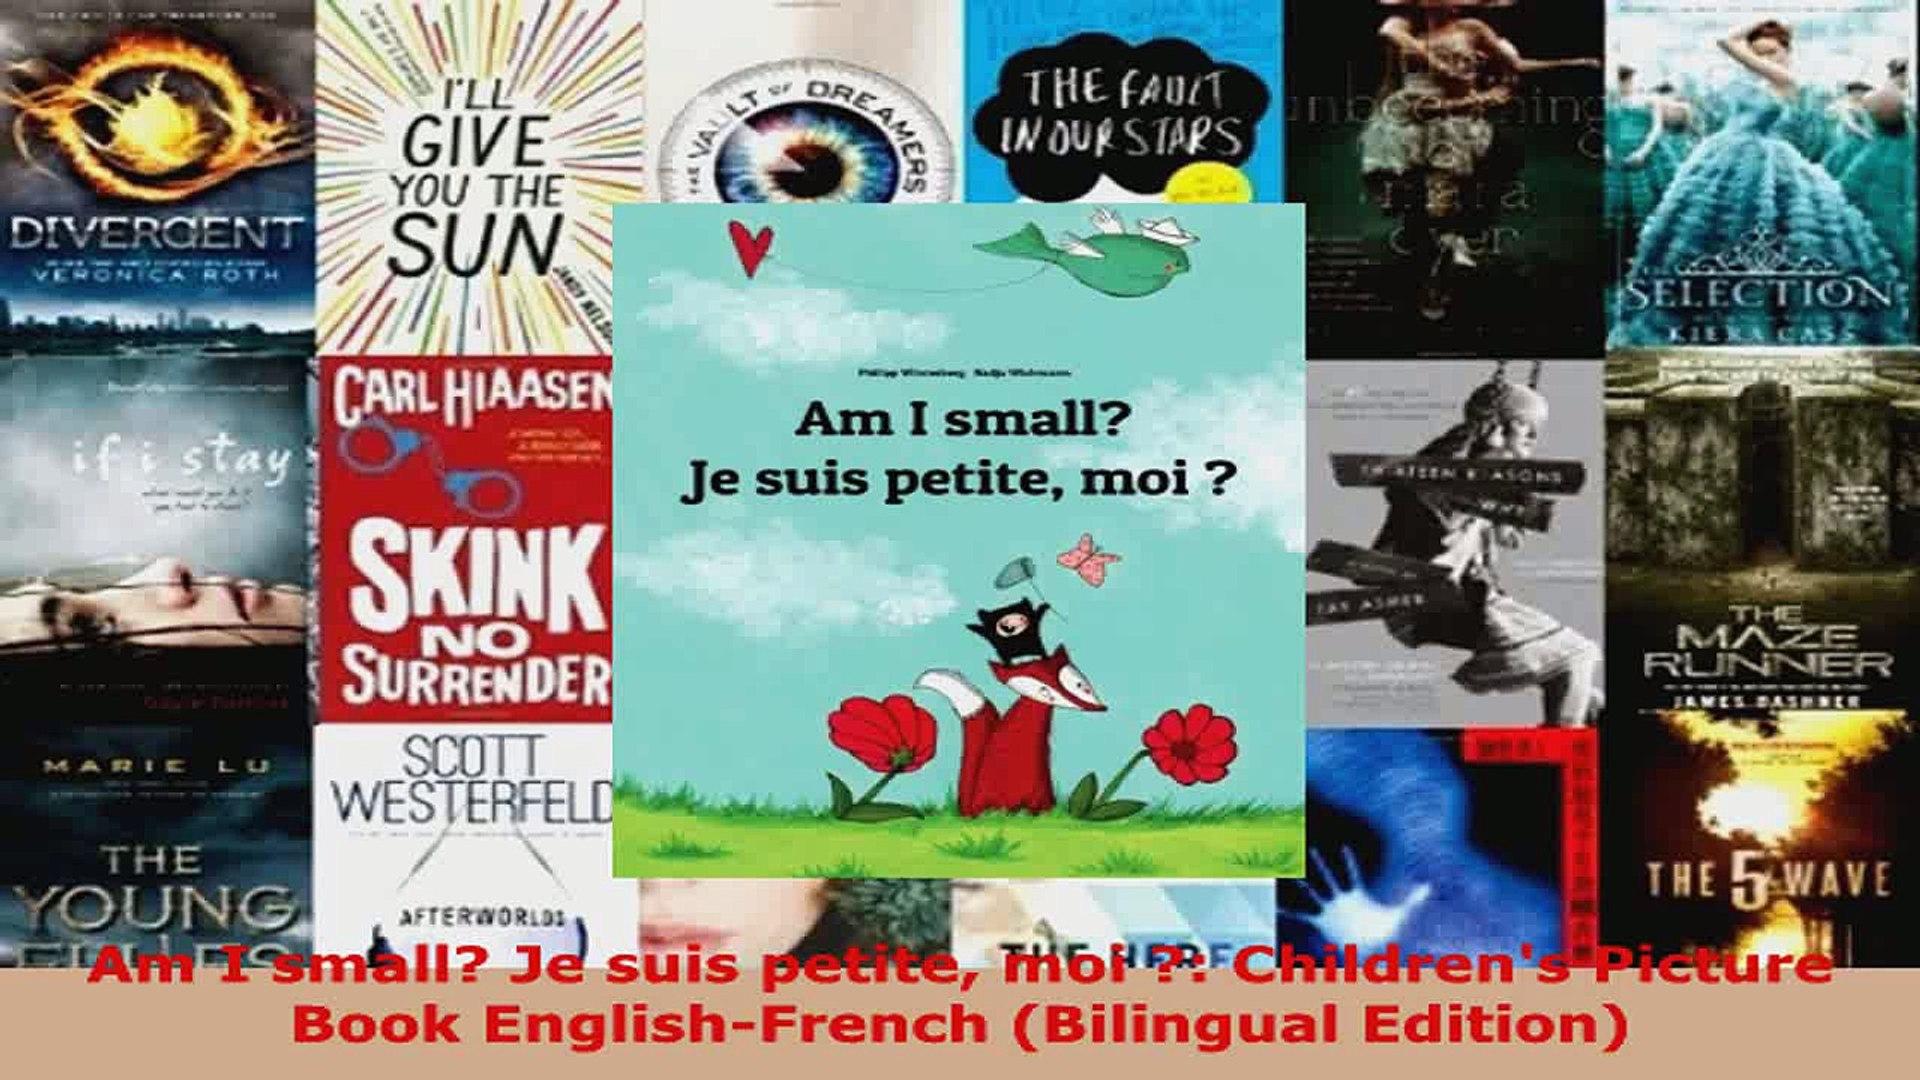 /Är jag liten? Bilingual Edition Childrens Picture Book English-Swedish Am I small